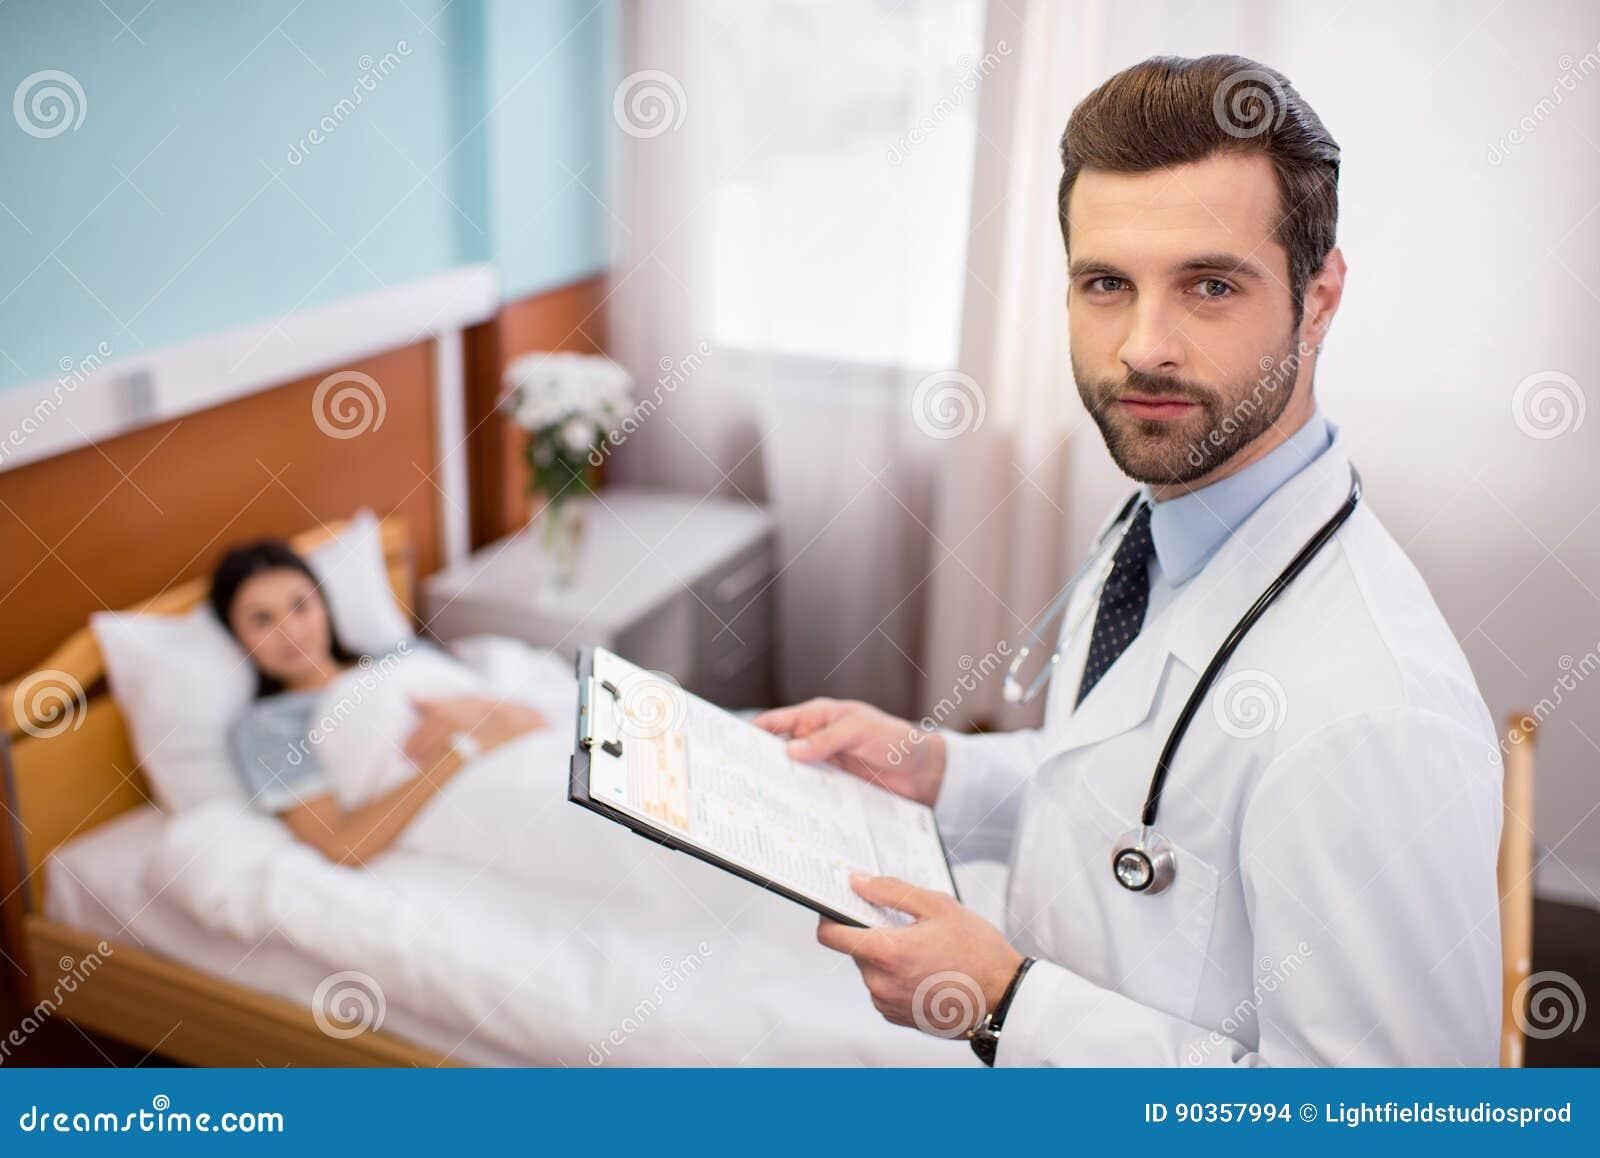 Männlicher Doktor im Krankenhaus